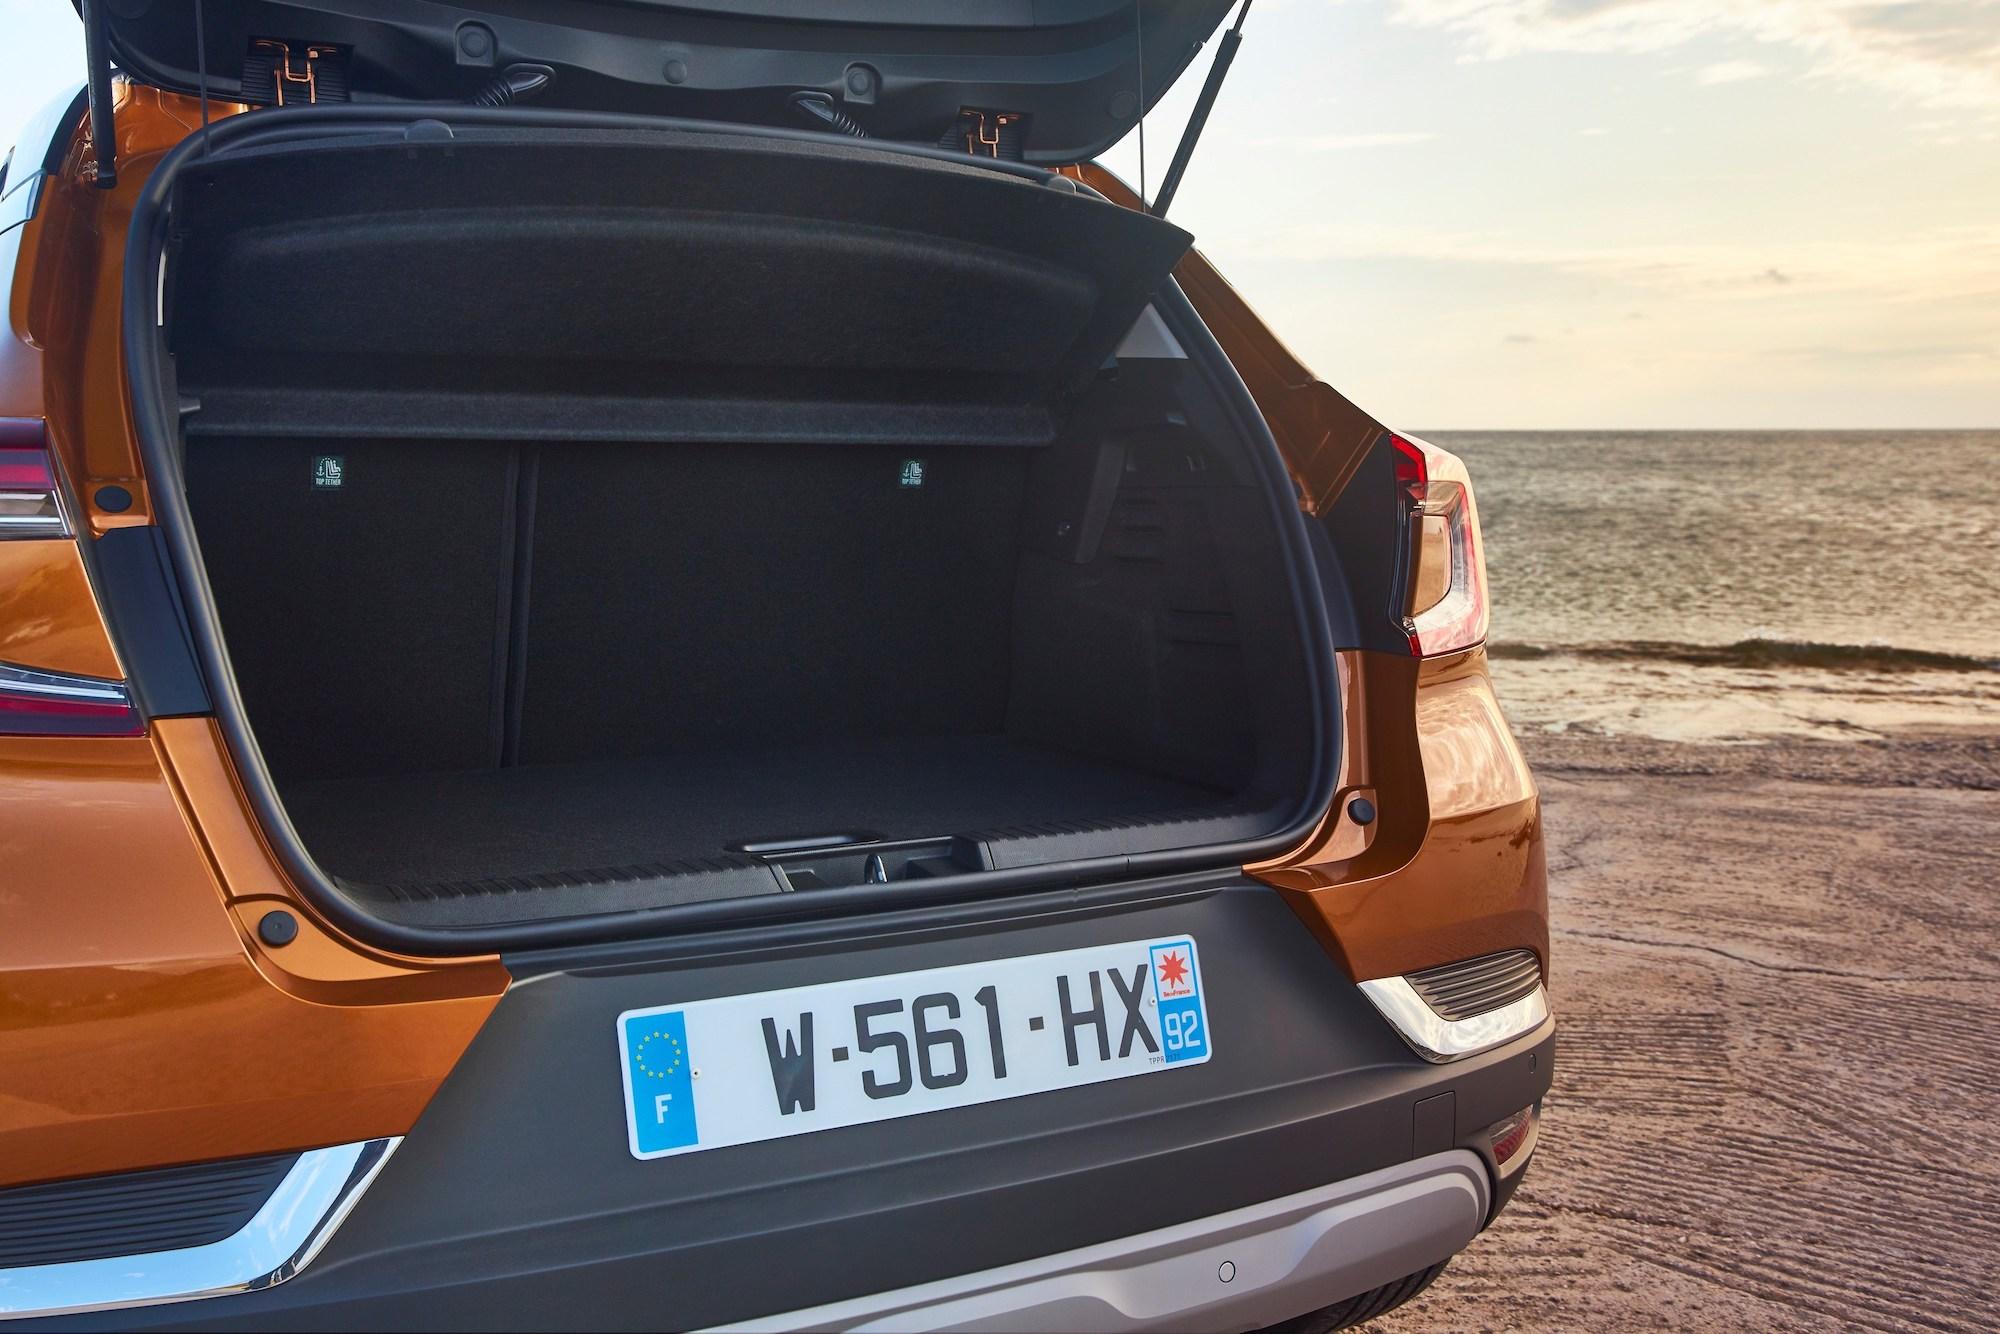 El maletero del Captur cuenta con 422 litros de capacidad y de serie, pero puede llegar hasta 536 litros si se mueven los asientos traseros hacia adelante con una sencilla presión.